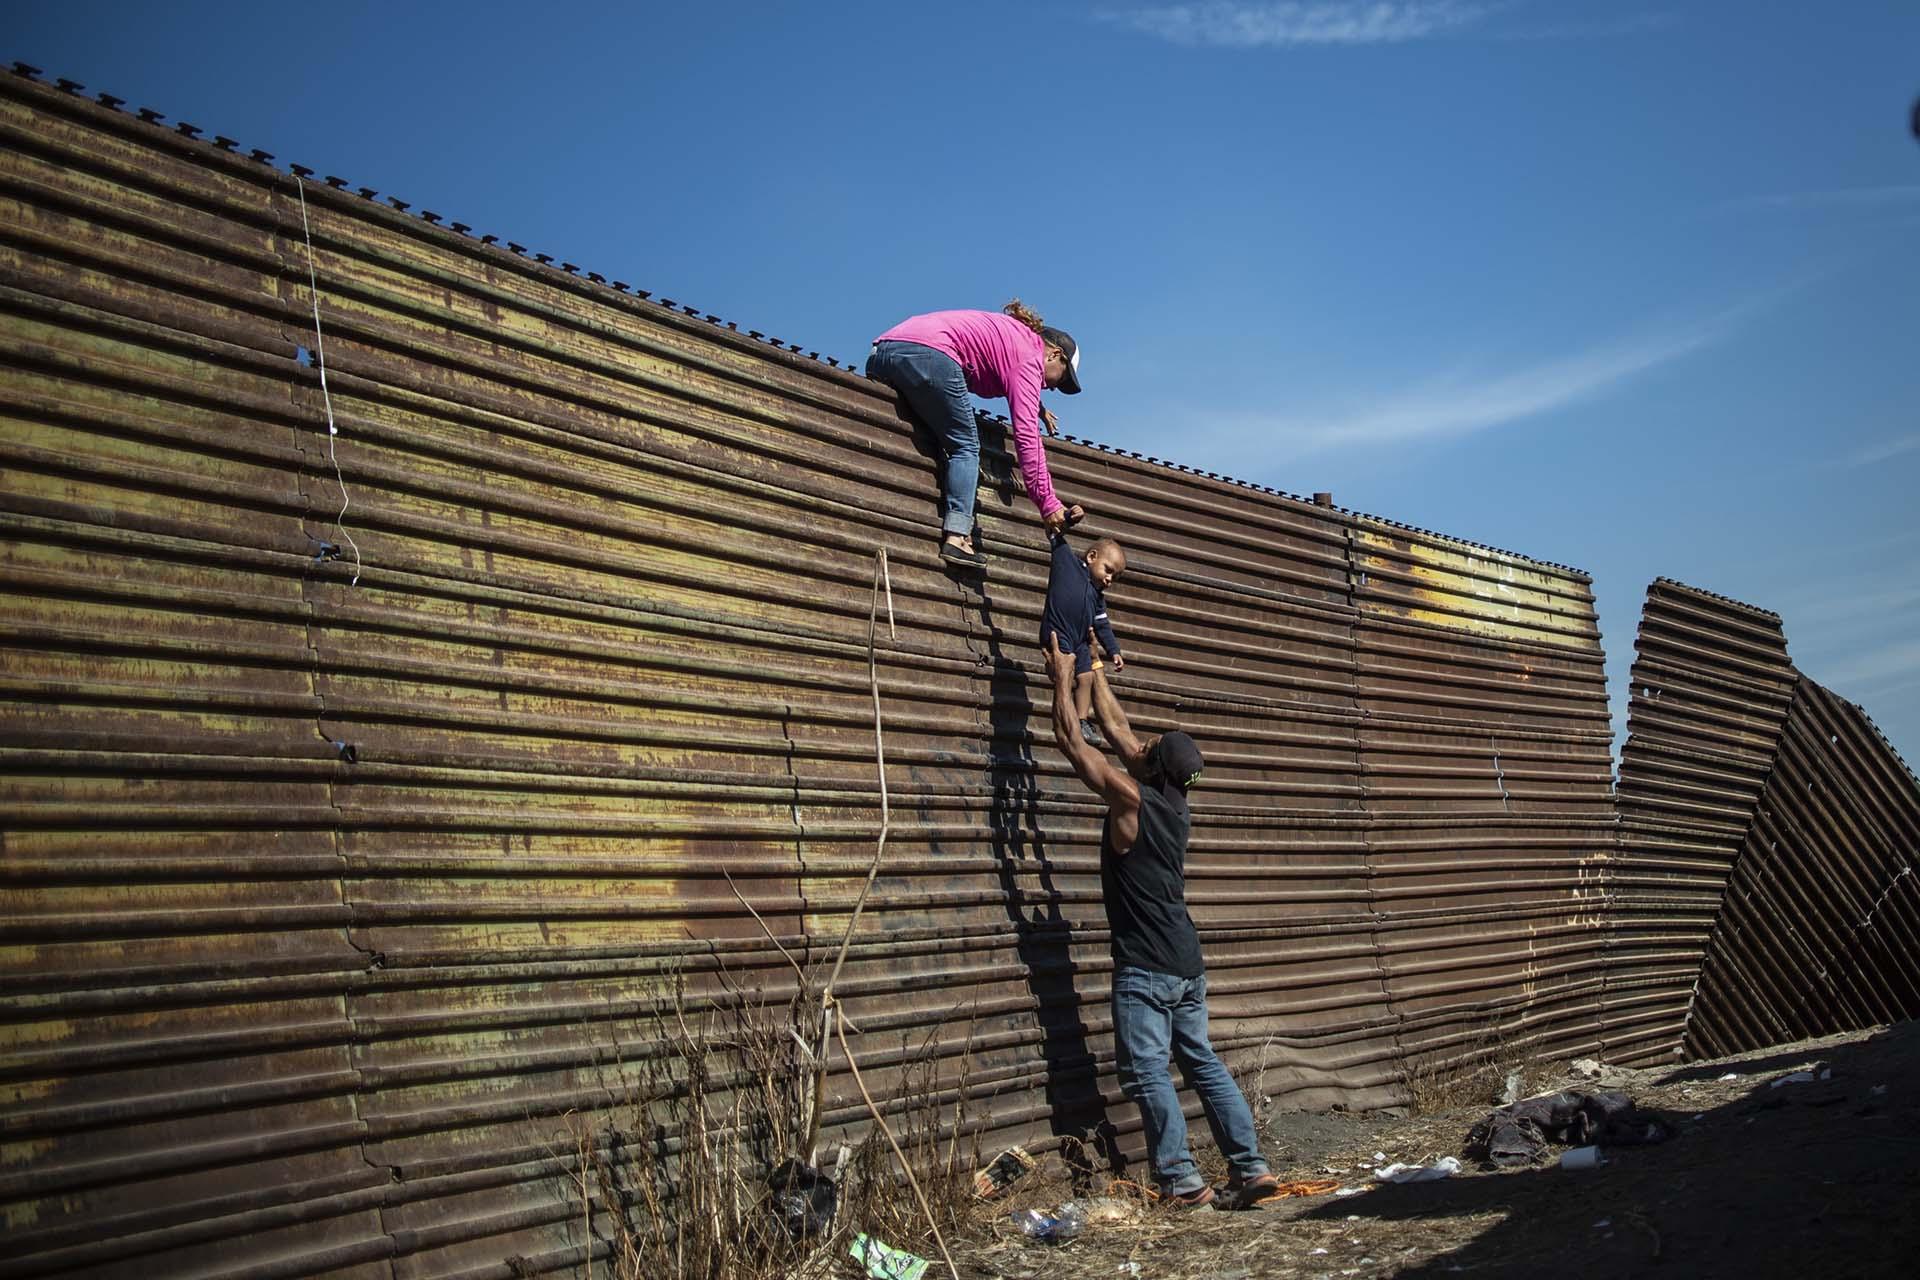 Un grupo de migrantes centroamericanos trepa la valla fronteriza entre México y EEUUcerca del paso fronterizo de El Chaparral, en Tijuana, el 25 de noviembre